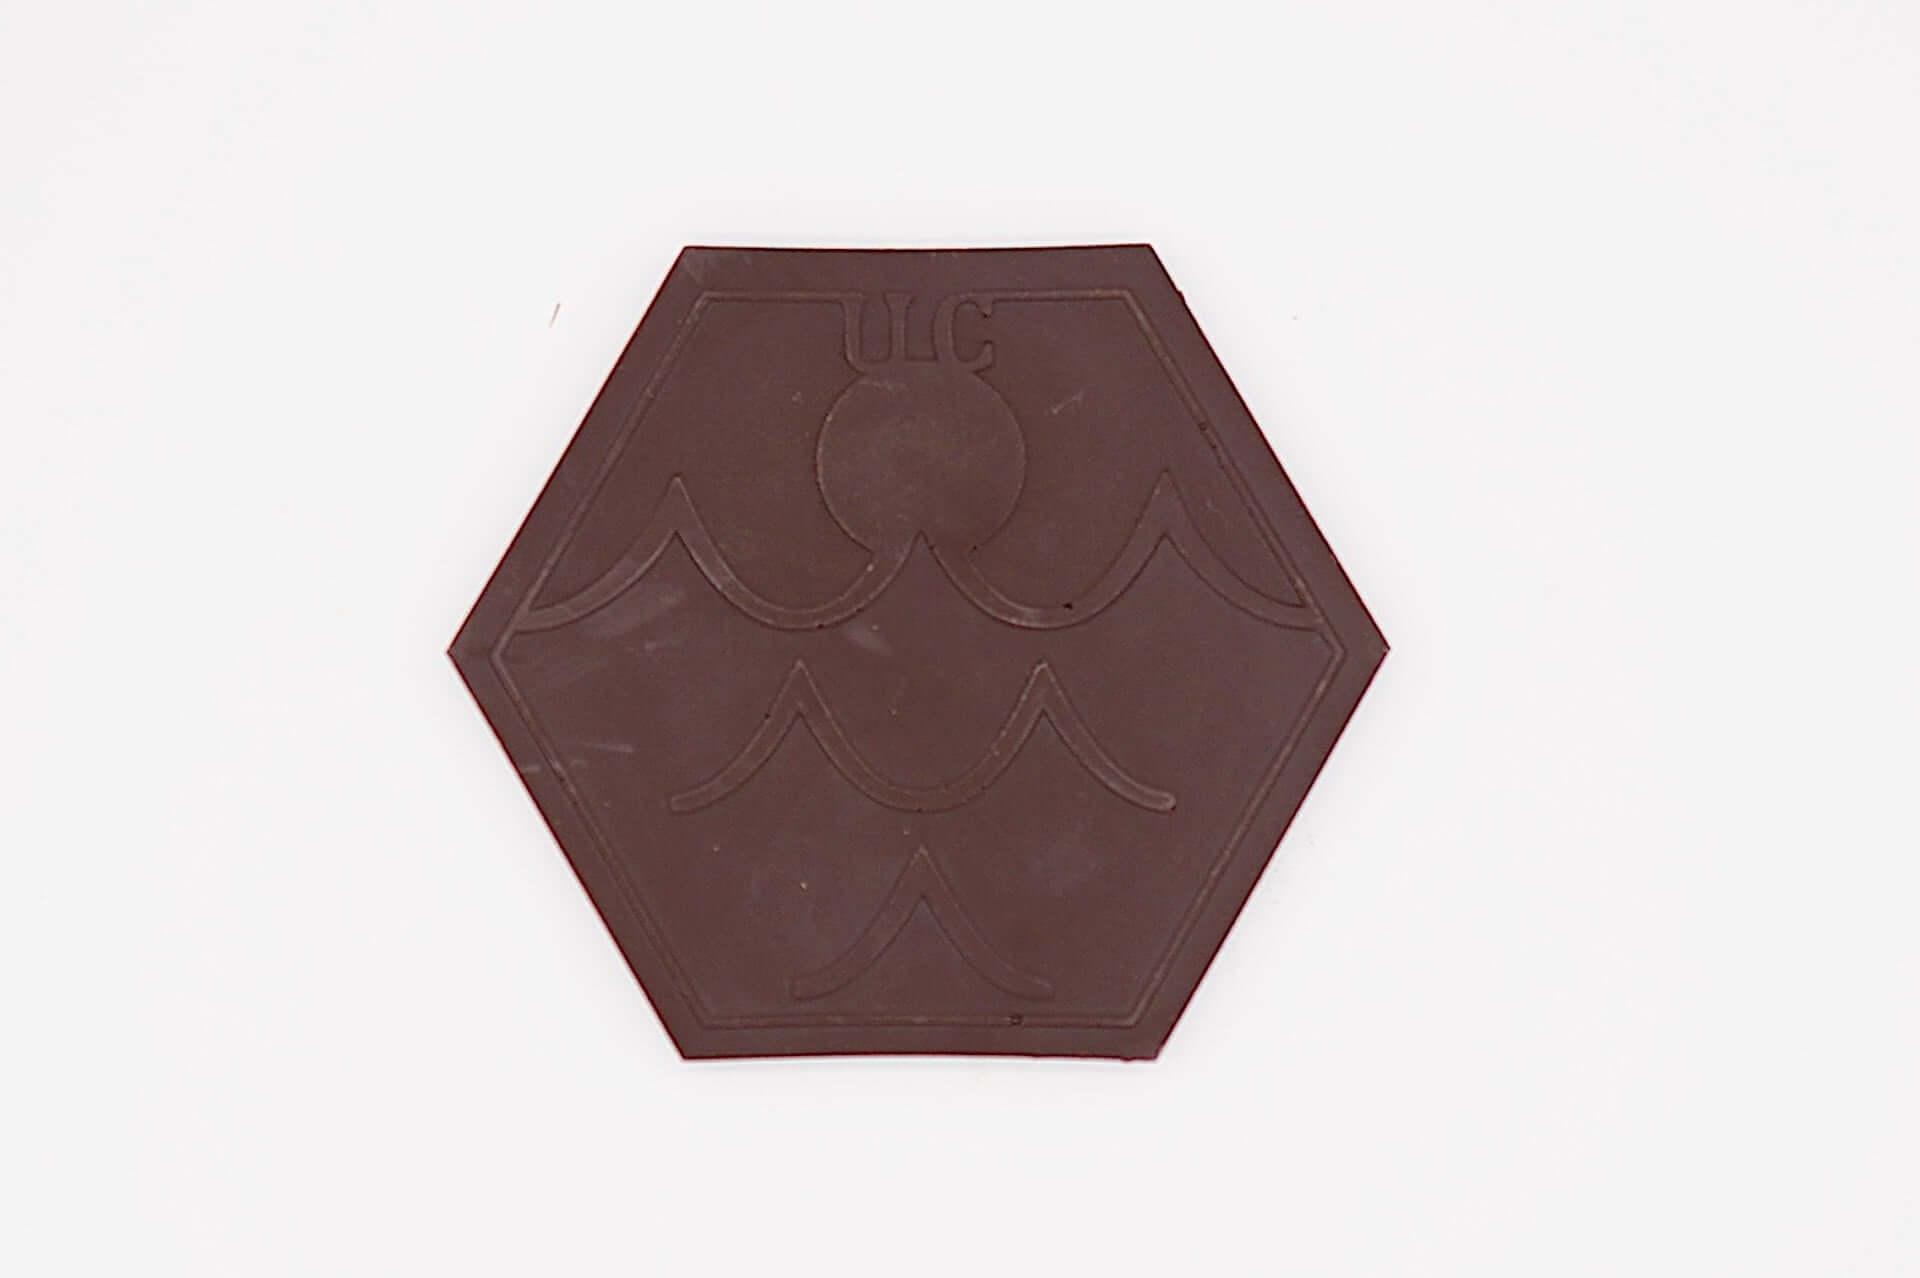 ほうじ茶とCBDを配合したUSHIO CHOCOLATLのバレンタイン限定チョコレートが新発売!THE CBD、Tea Bucksとコラボ gourmet210212_cbd-chocolate_3-1920x1278